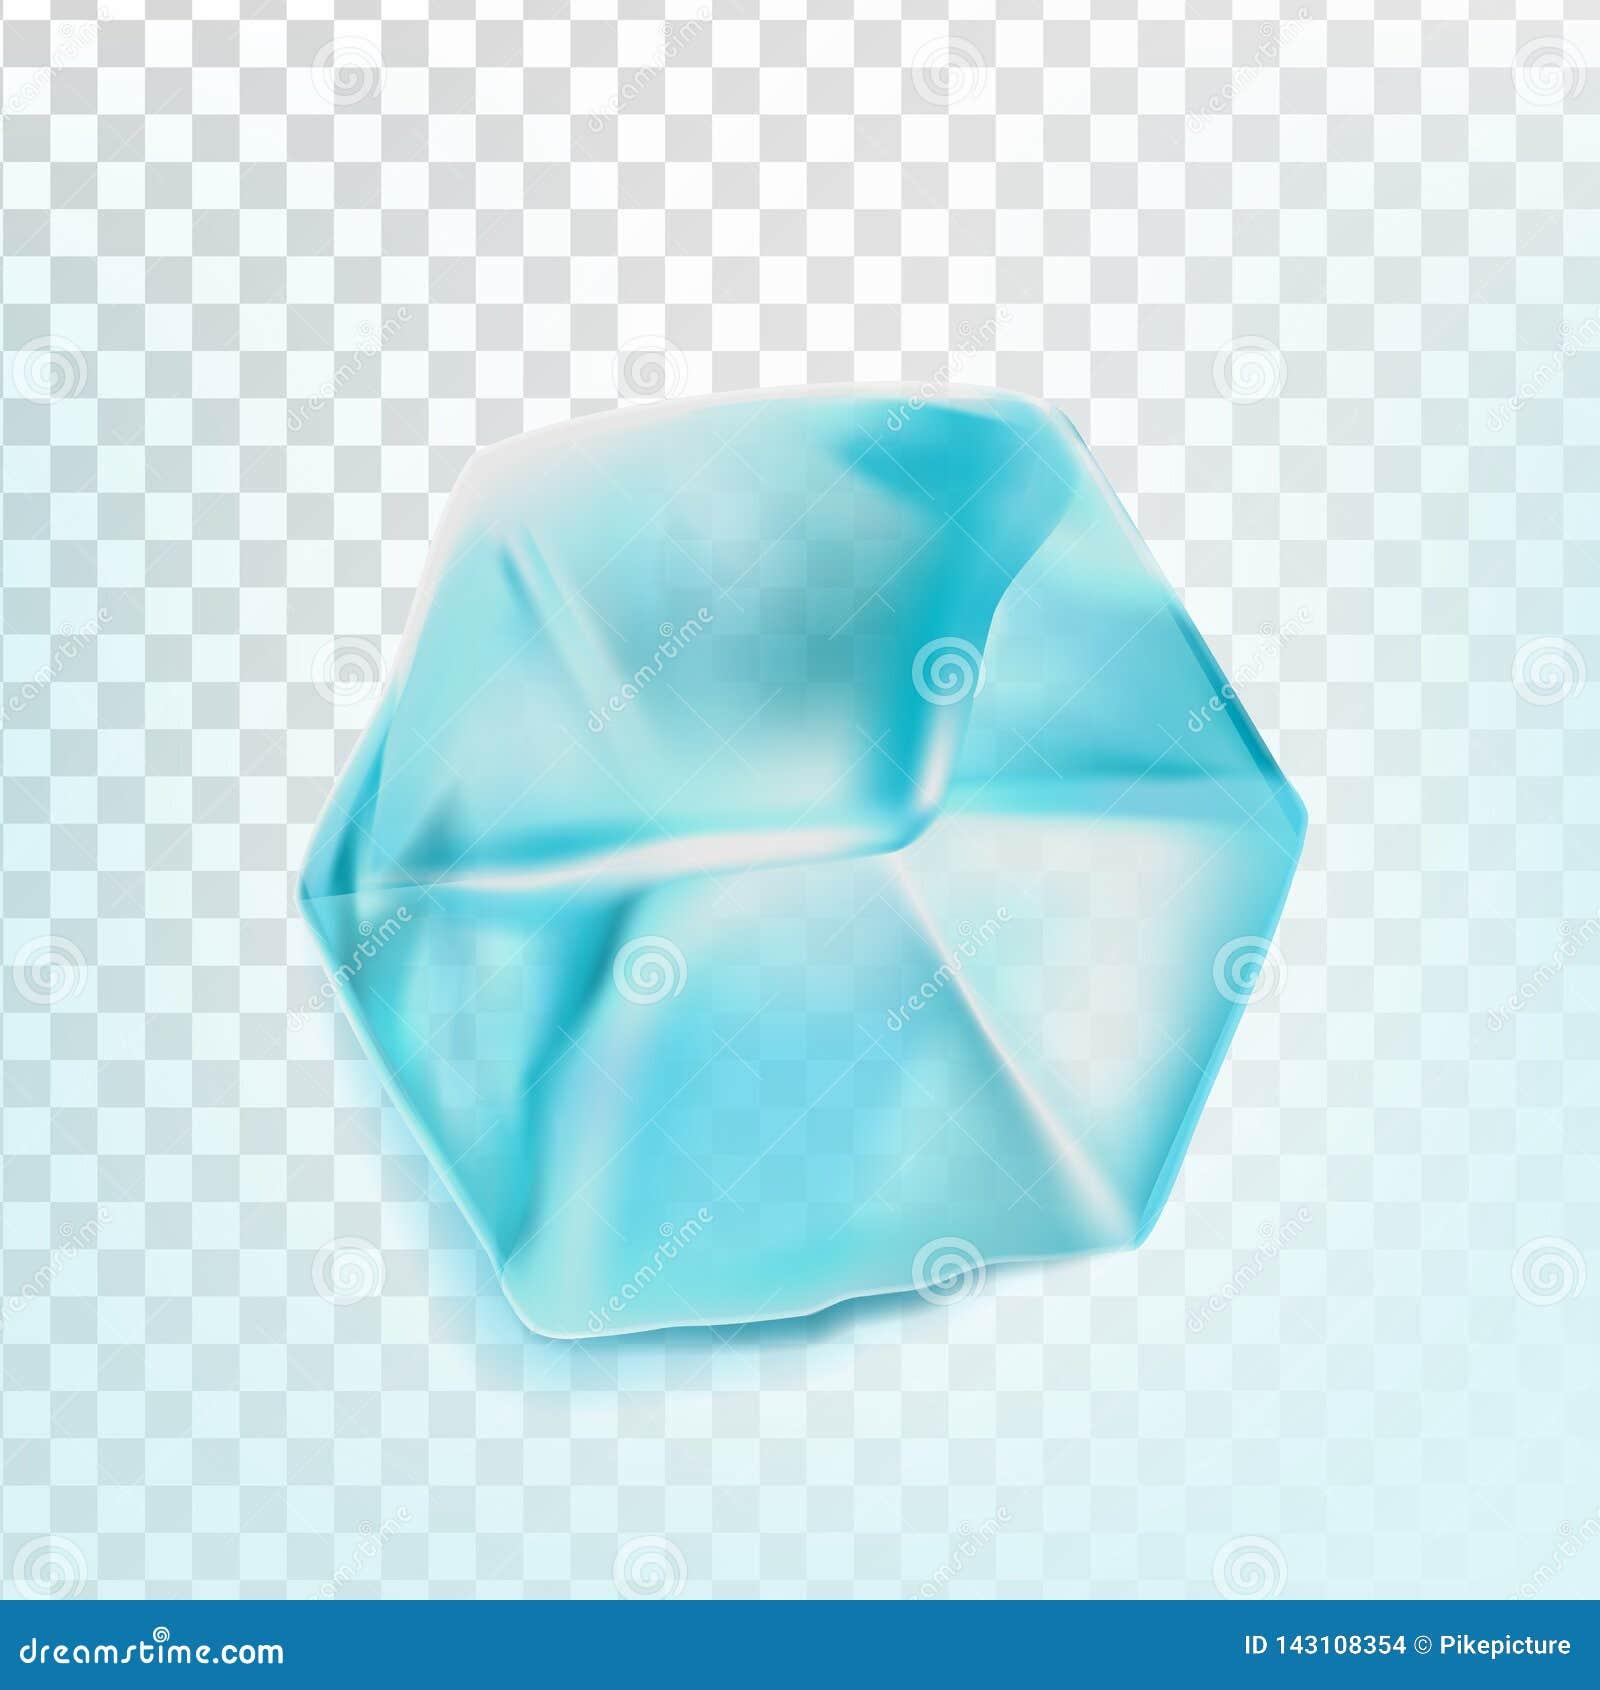 O cubo de gelo isolou o vetor de Transpatrent Parte fresca Quadrado Aqua Symbol brilhante Ilustração realística